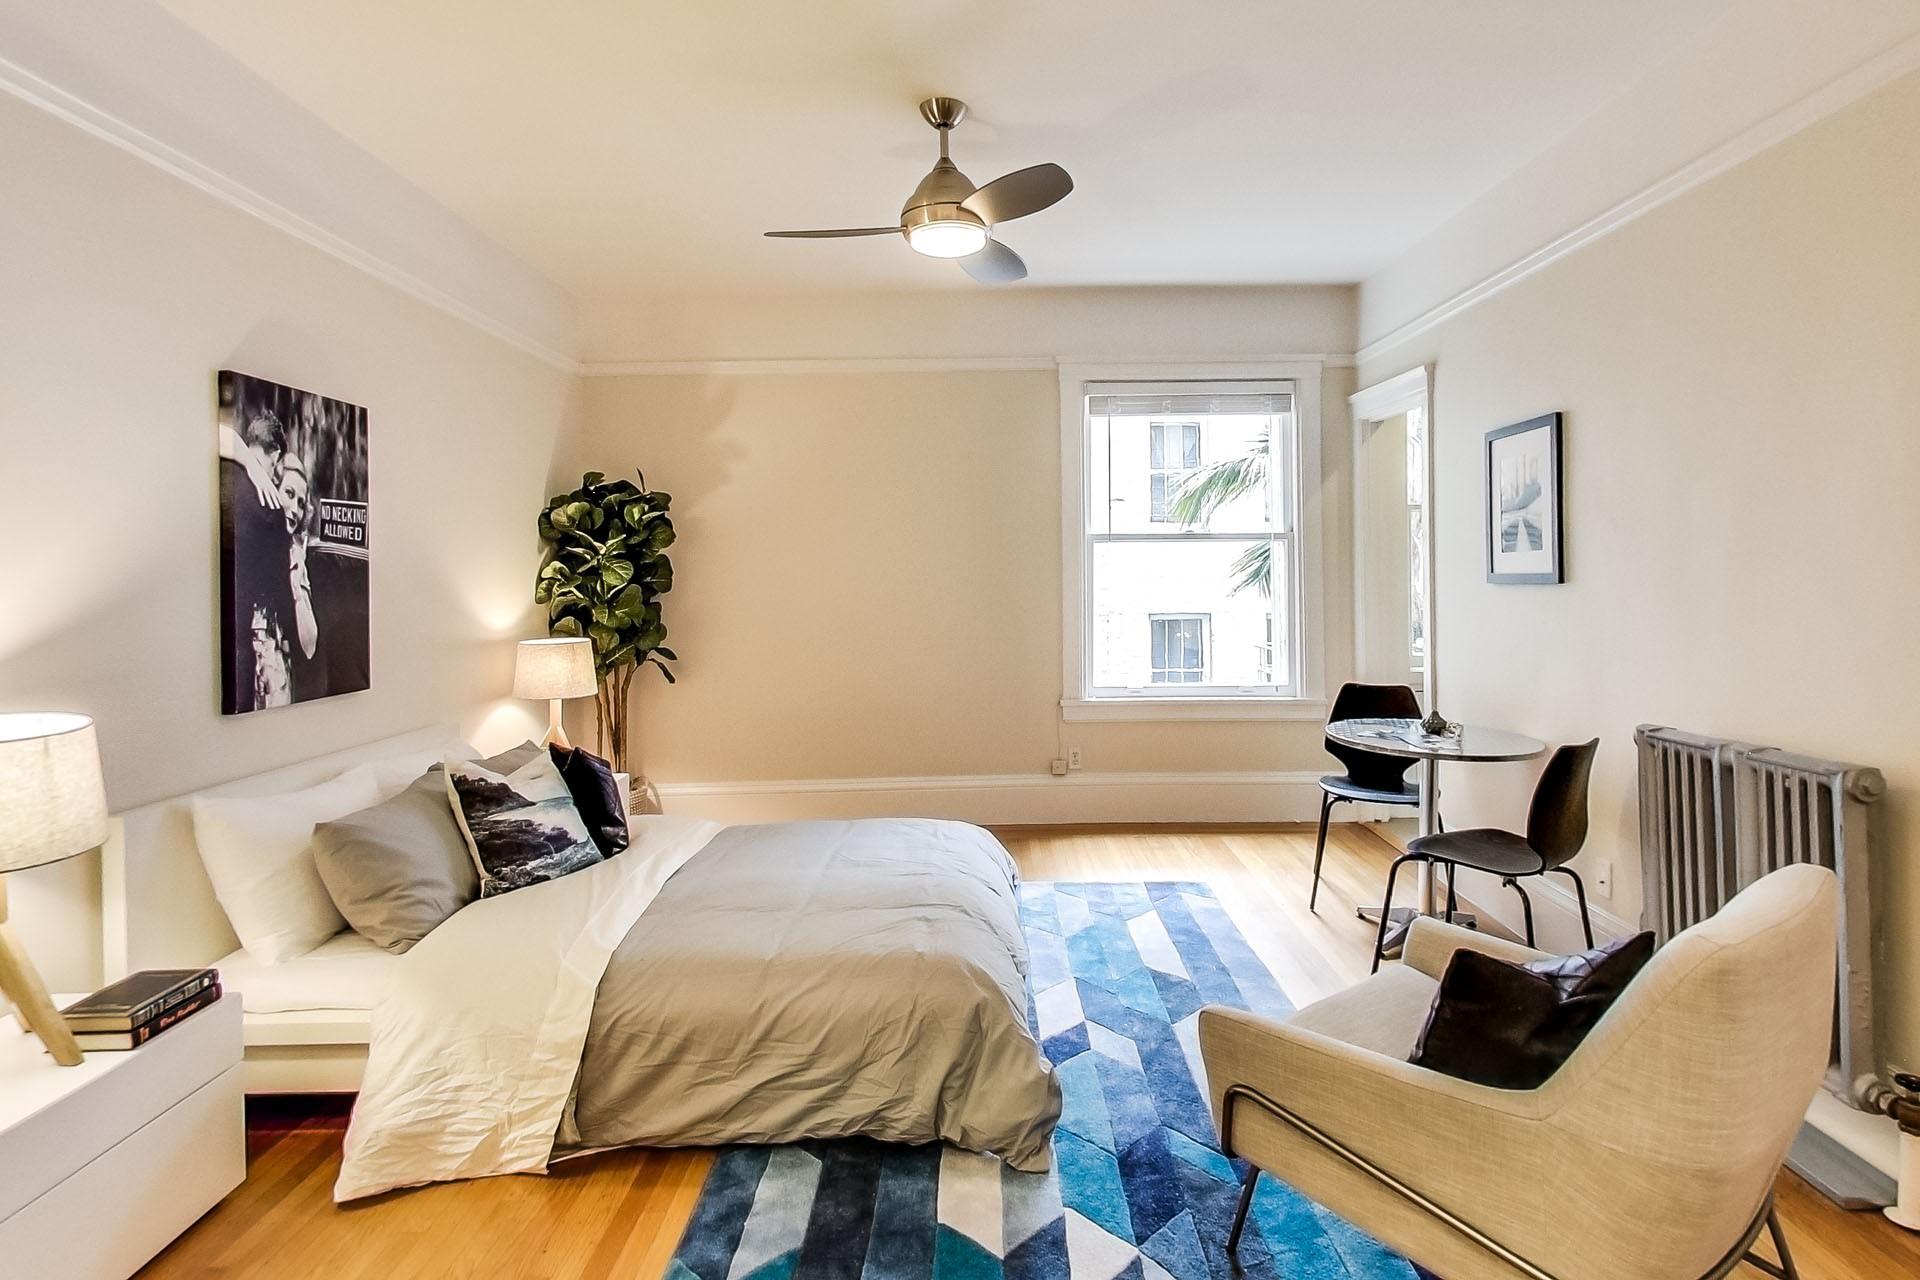 701 TAYLOR Apartments & Suites